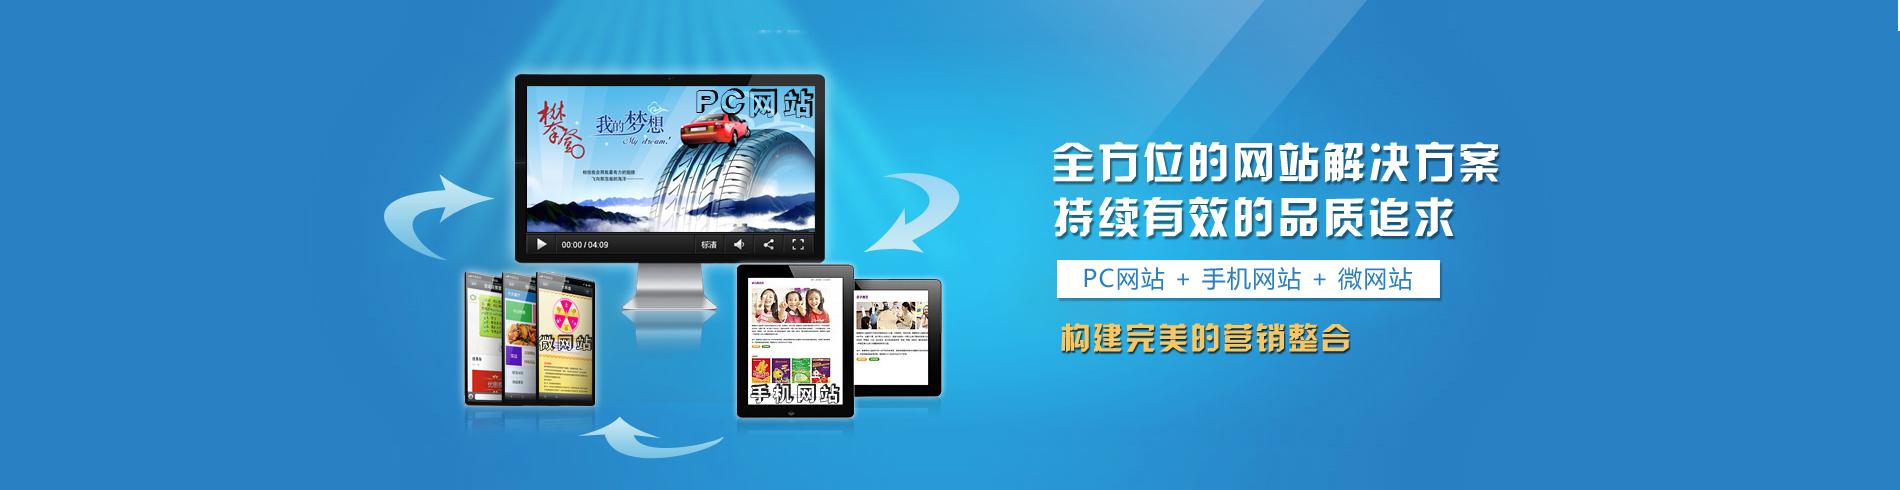 济南网站建设 百茗网络 网站建设 网站优化